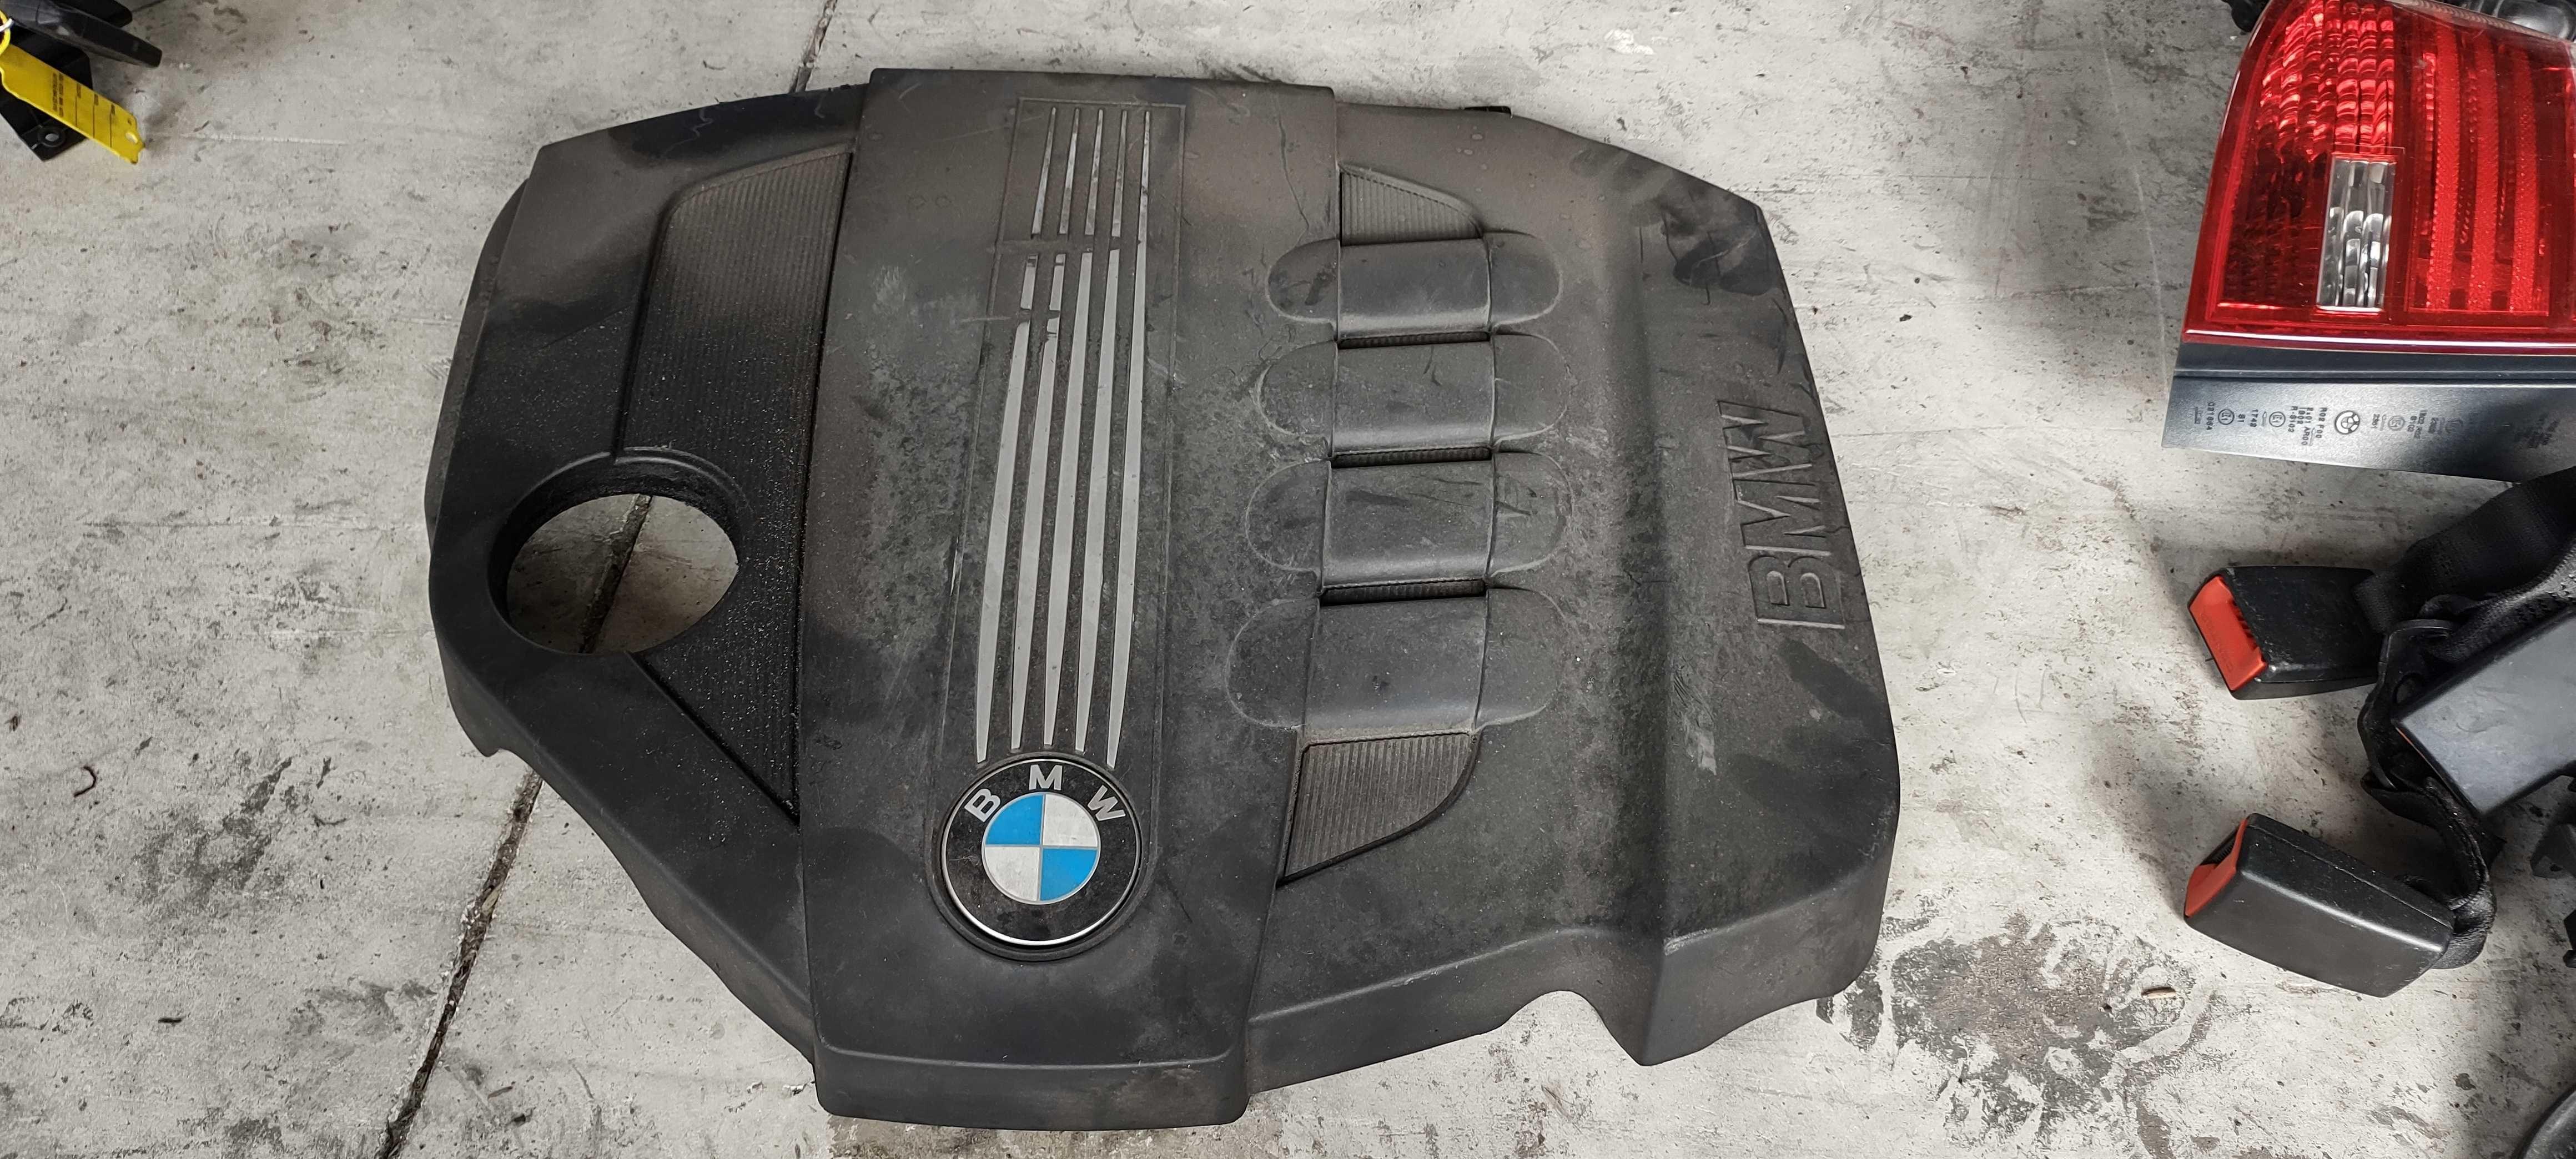 Декоративна кора на двигателя - /БМВ/BMW/- е81 123d N47D 204кс.